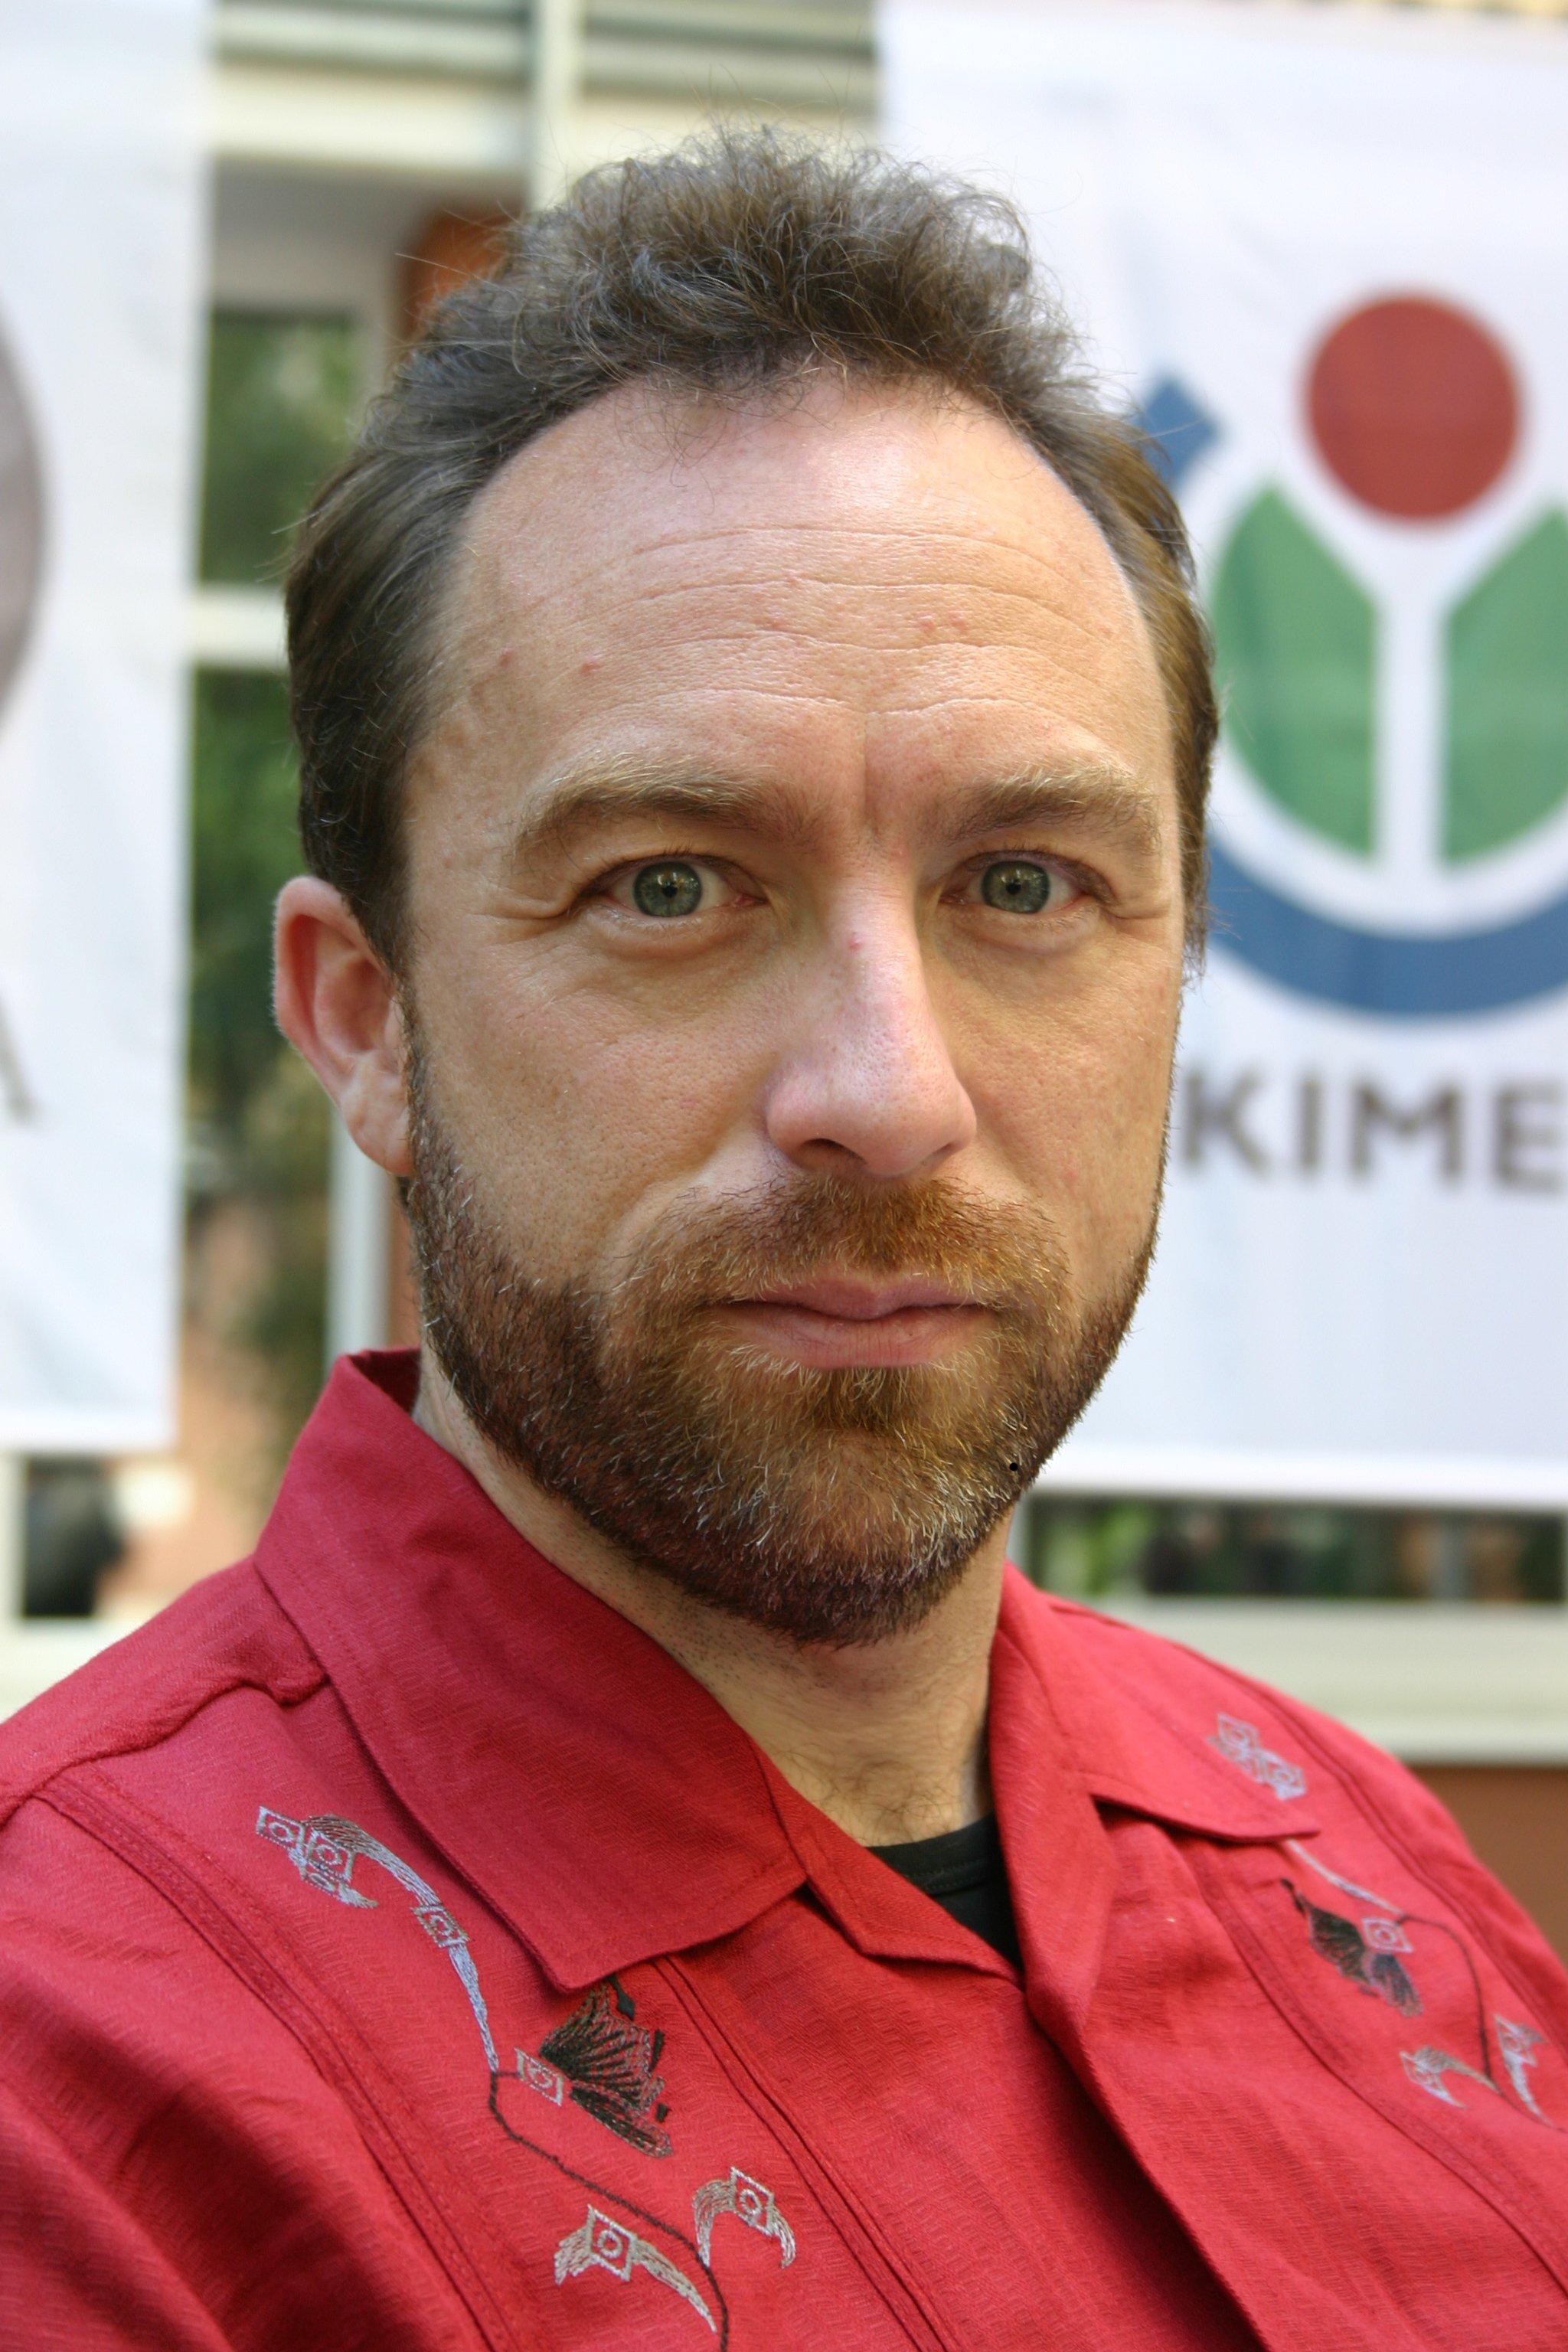 Jimmy-wales-frankfurt2005-alih01.jpg